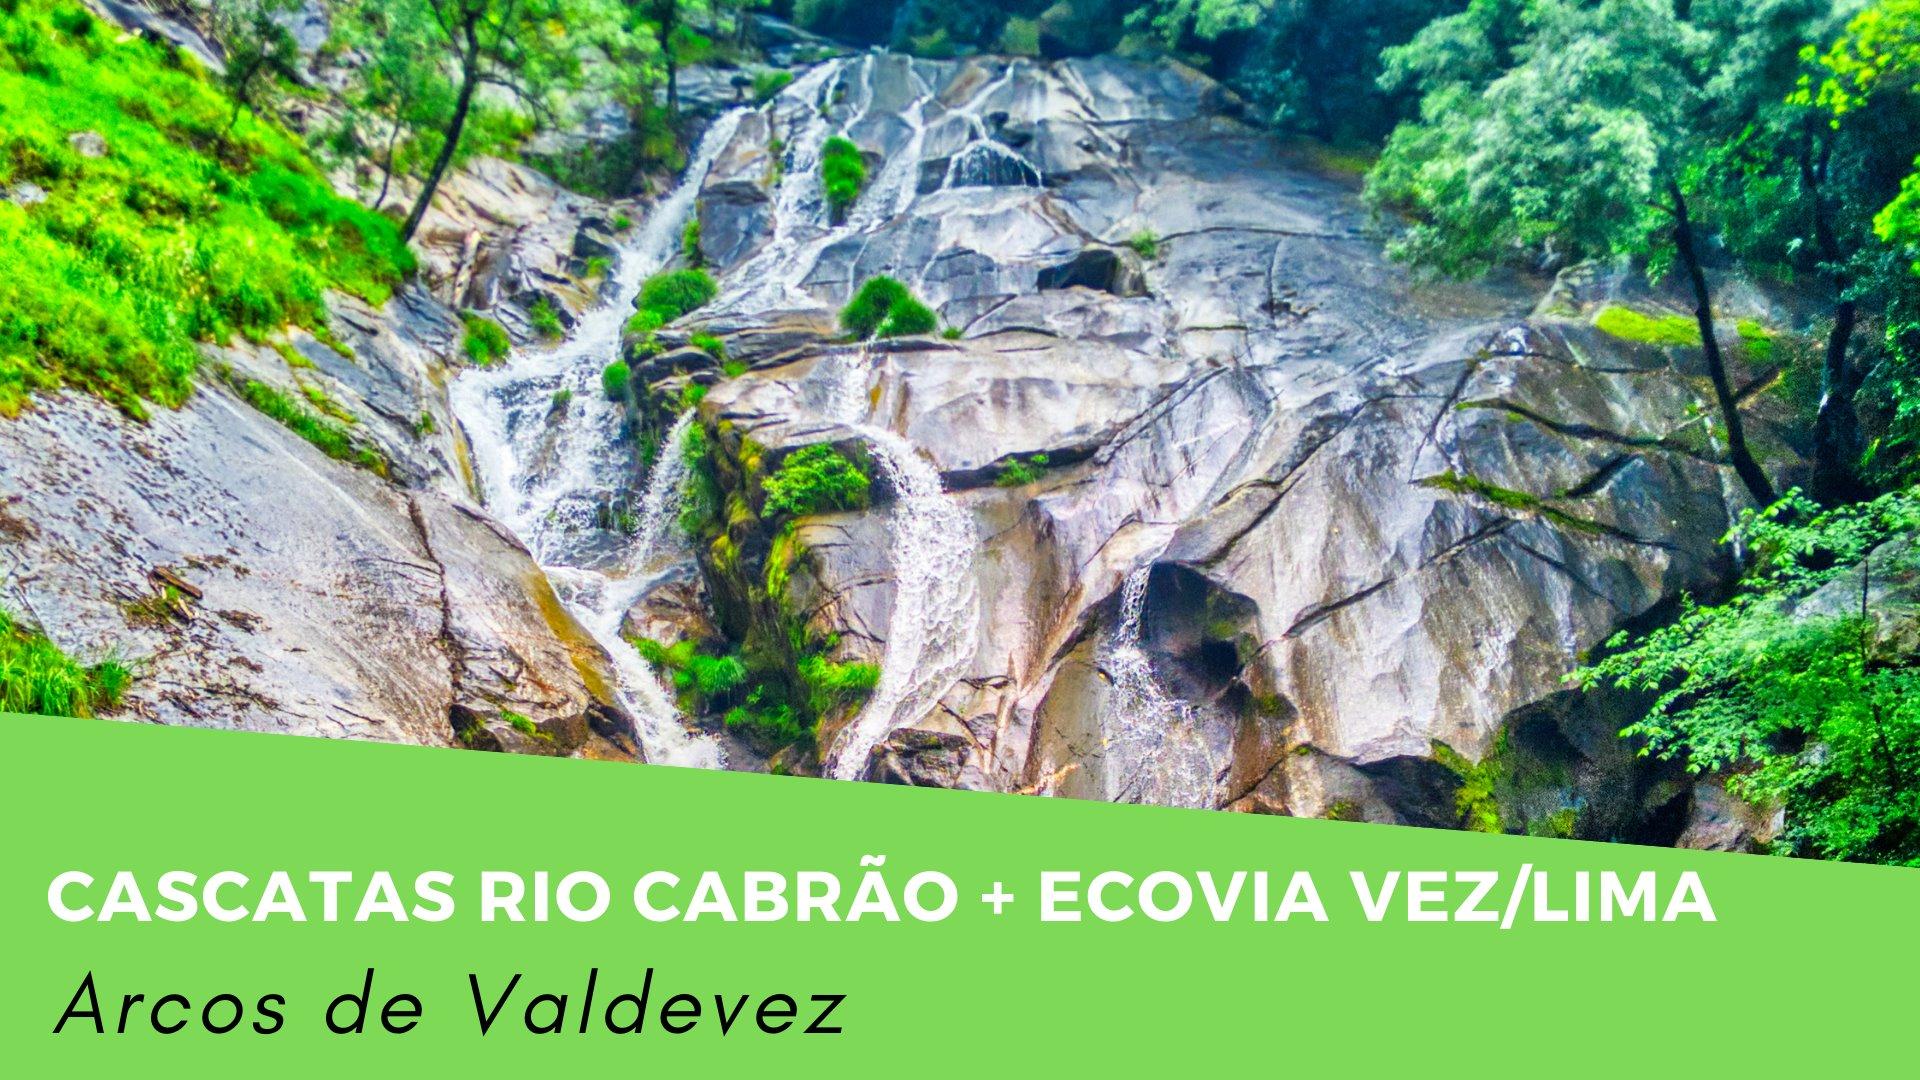 Cascatas Rio Cabrão + Ecovia do Vez